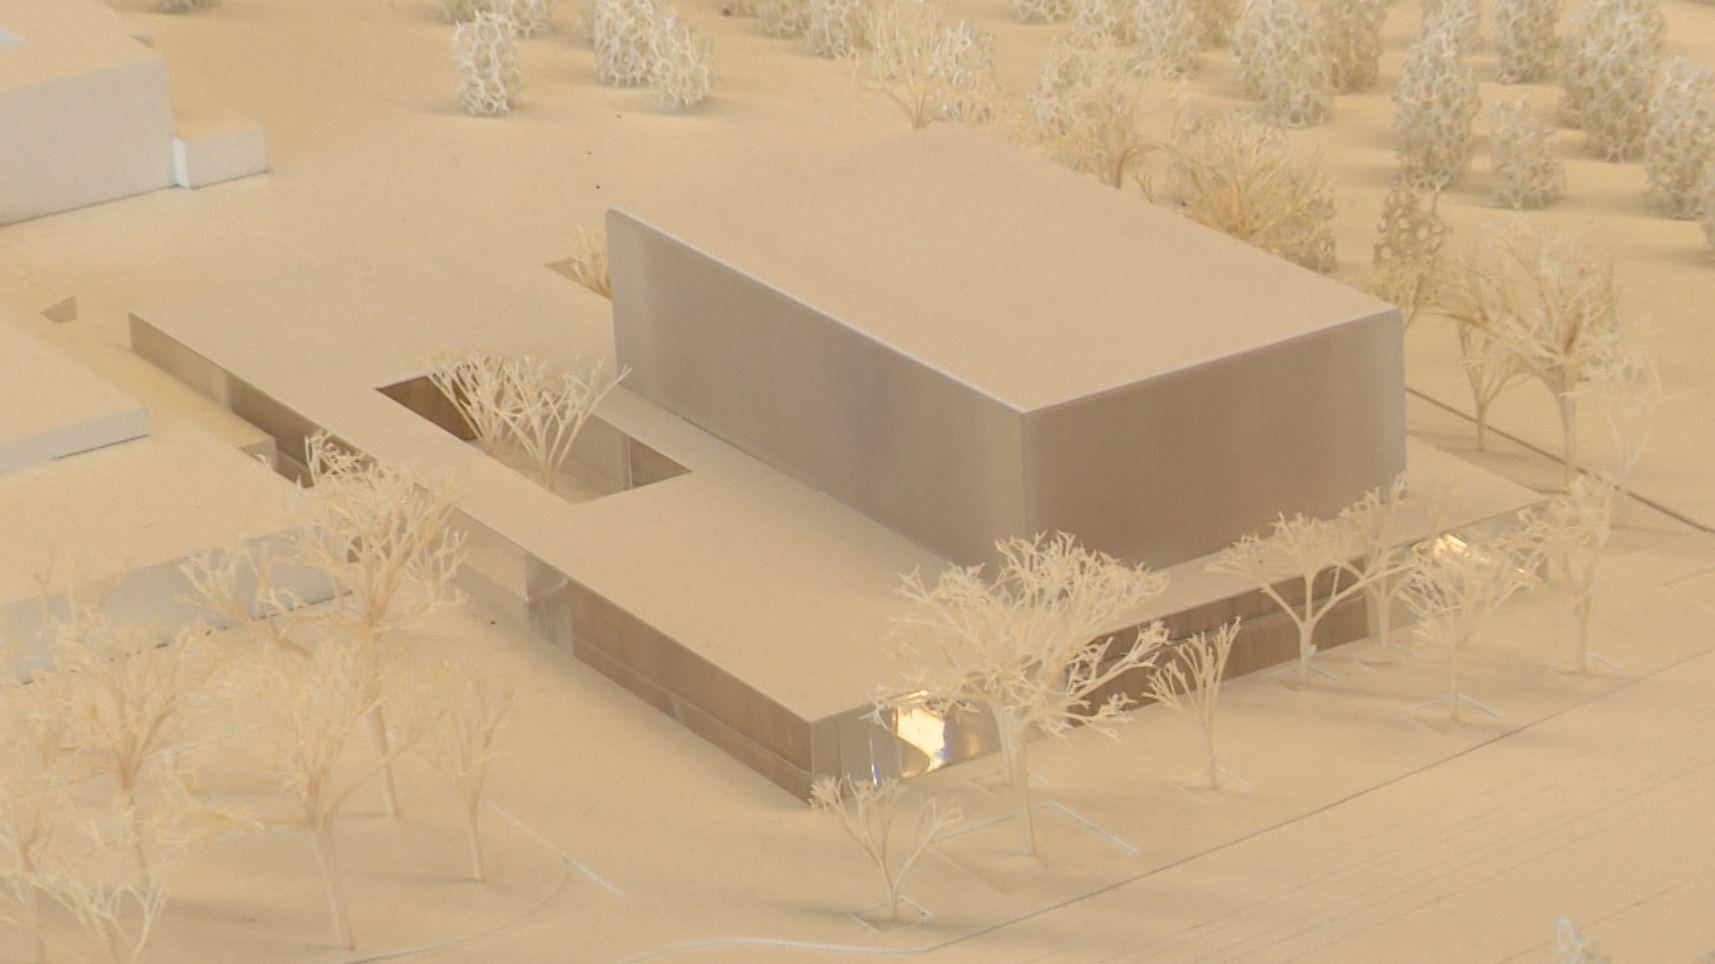 Entwurf für den neuen Nürnberger Konzertsaal